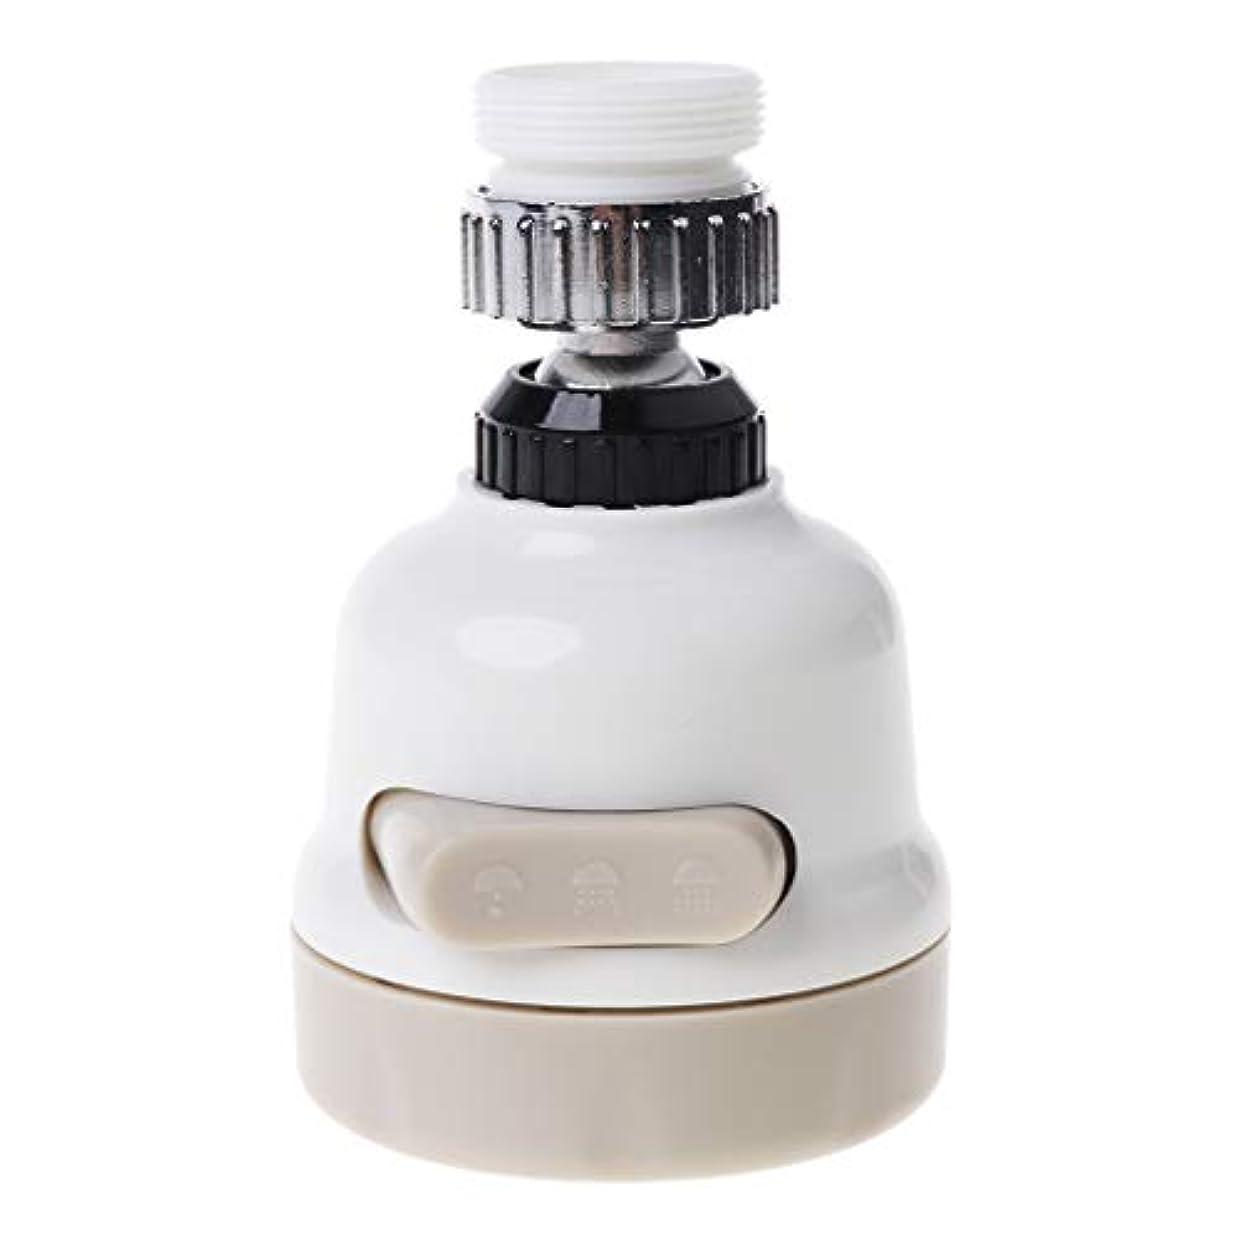 うるさいヘア小間Lamdoo360?回転蛇口フィルターアダプター節水タップディフューザーバスルームキッチン